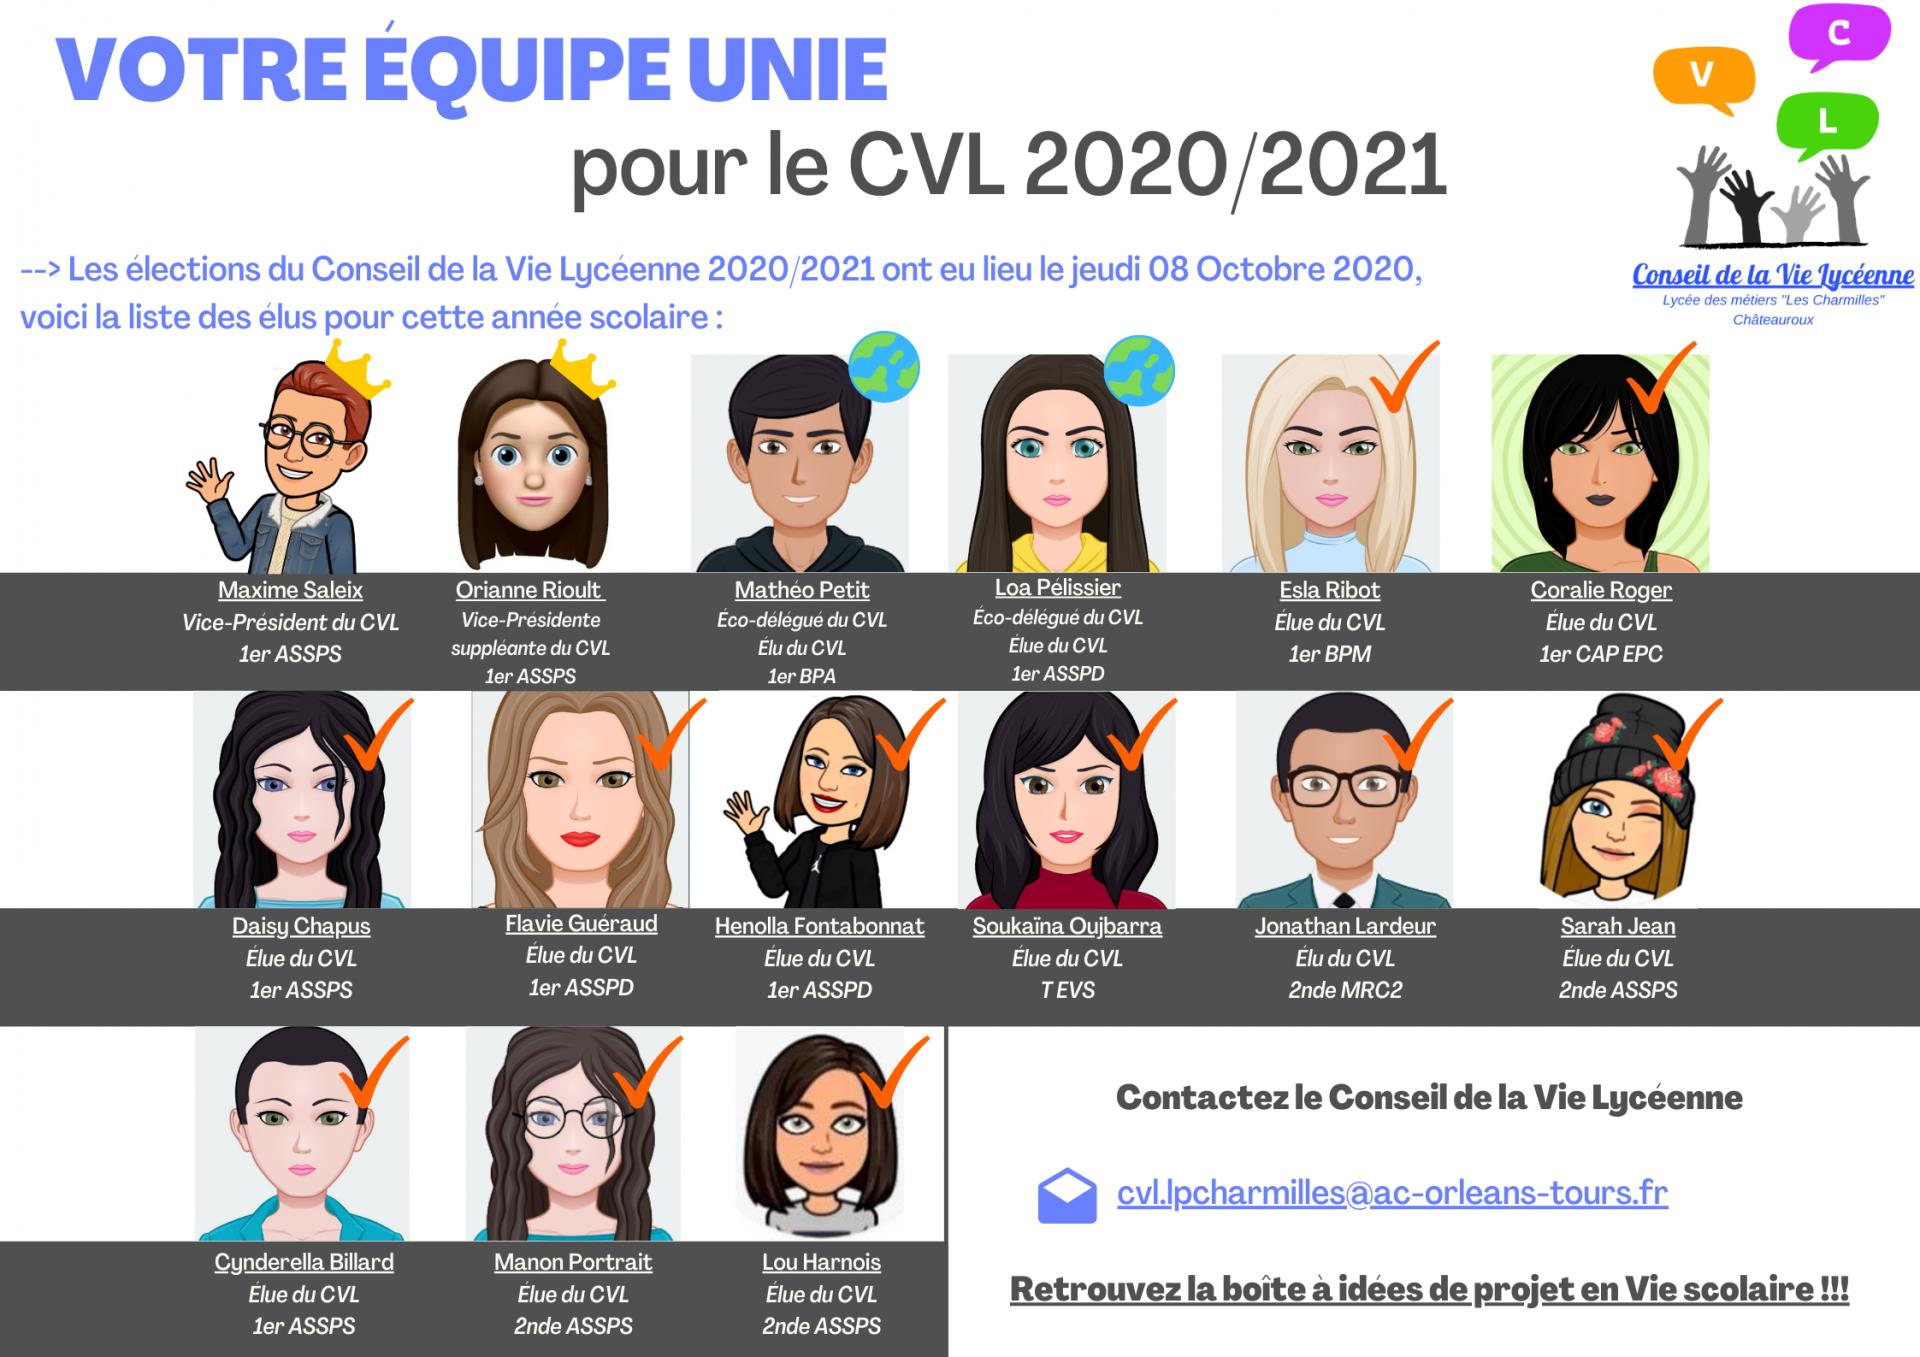 Plaquette des elus du cvl 2020 2021 1